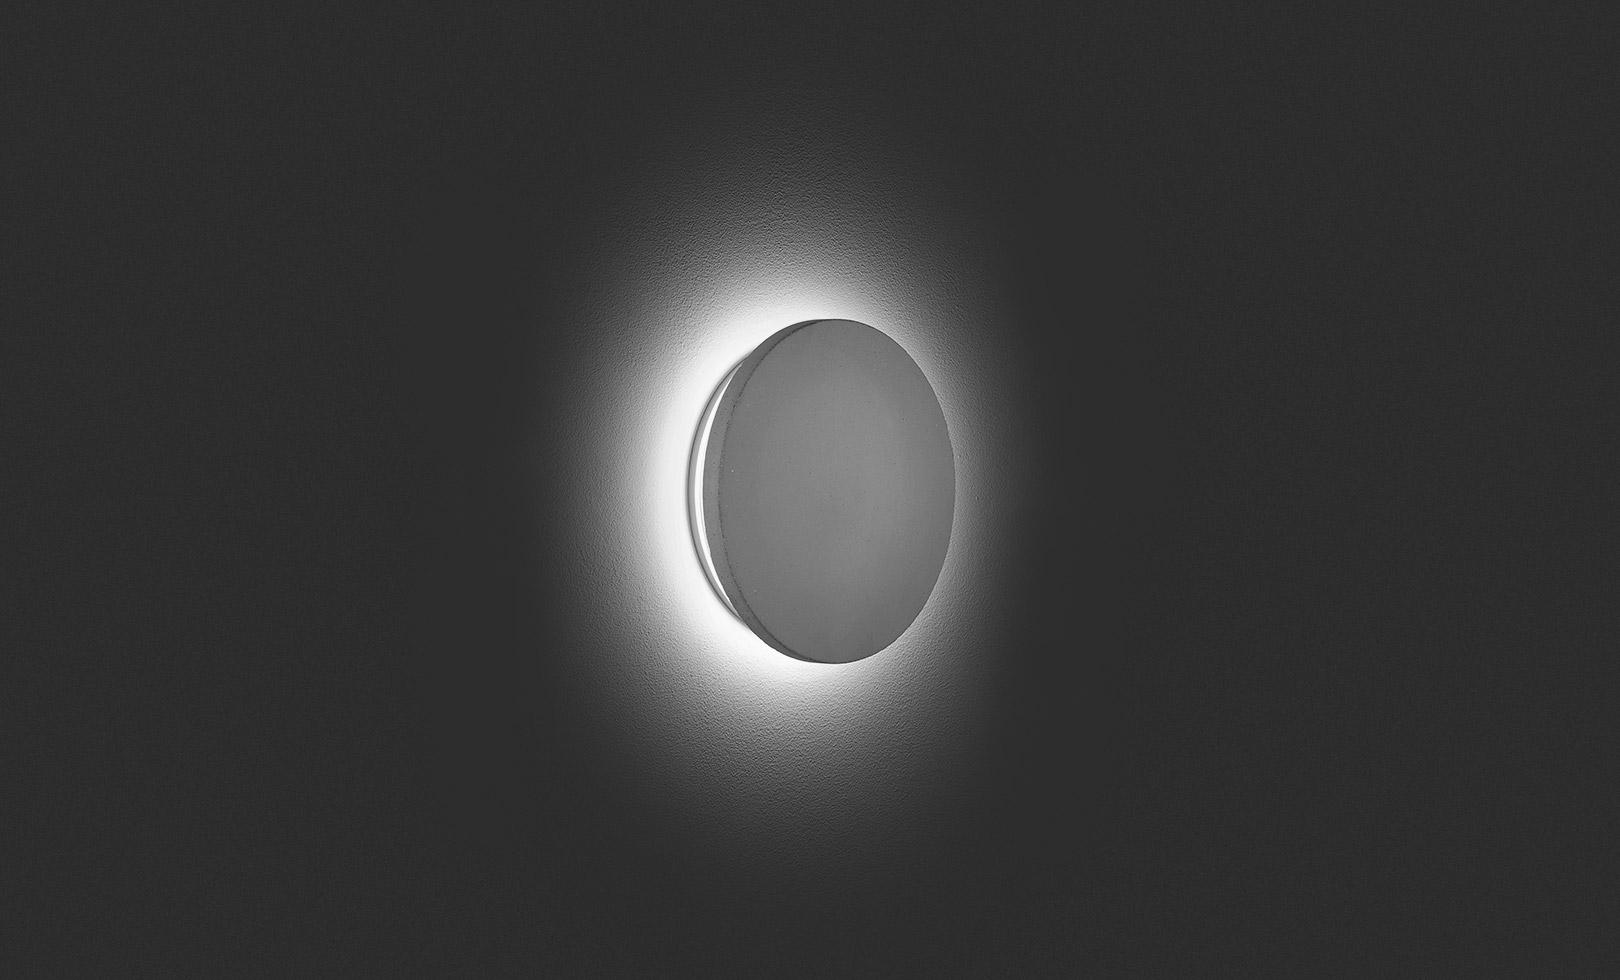 401711 ECLIPSE MEDIUM ROUND CONCRETE LED 12W 1